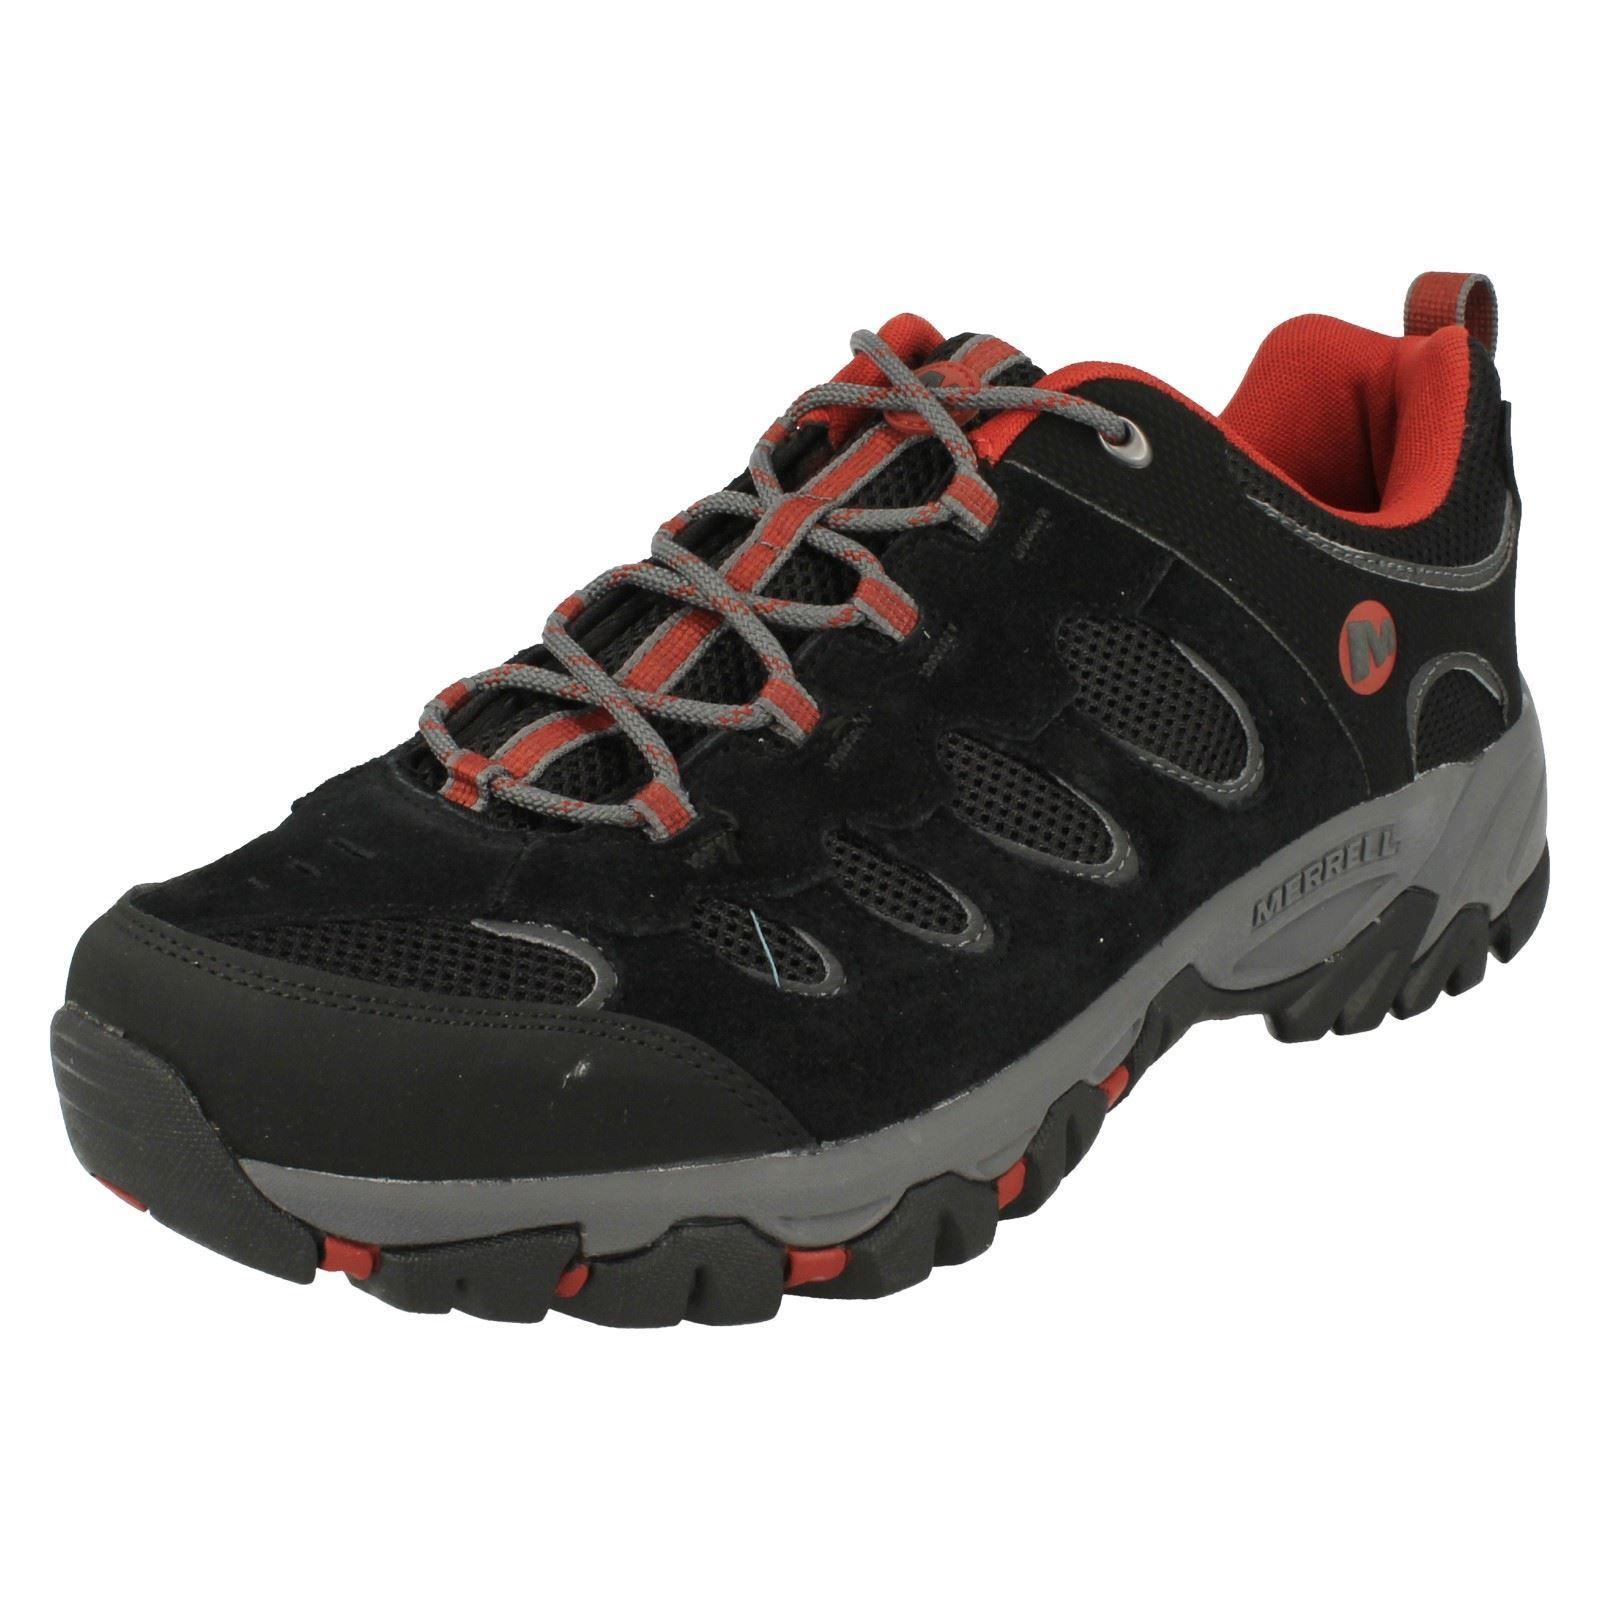 Mens Merrell Walking Trainers 'Ridge Pass'